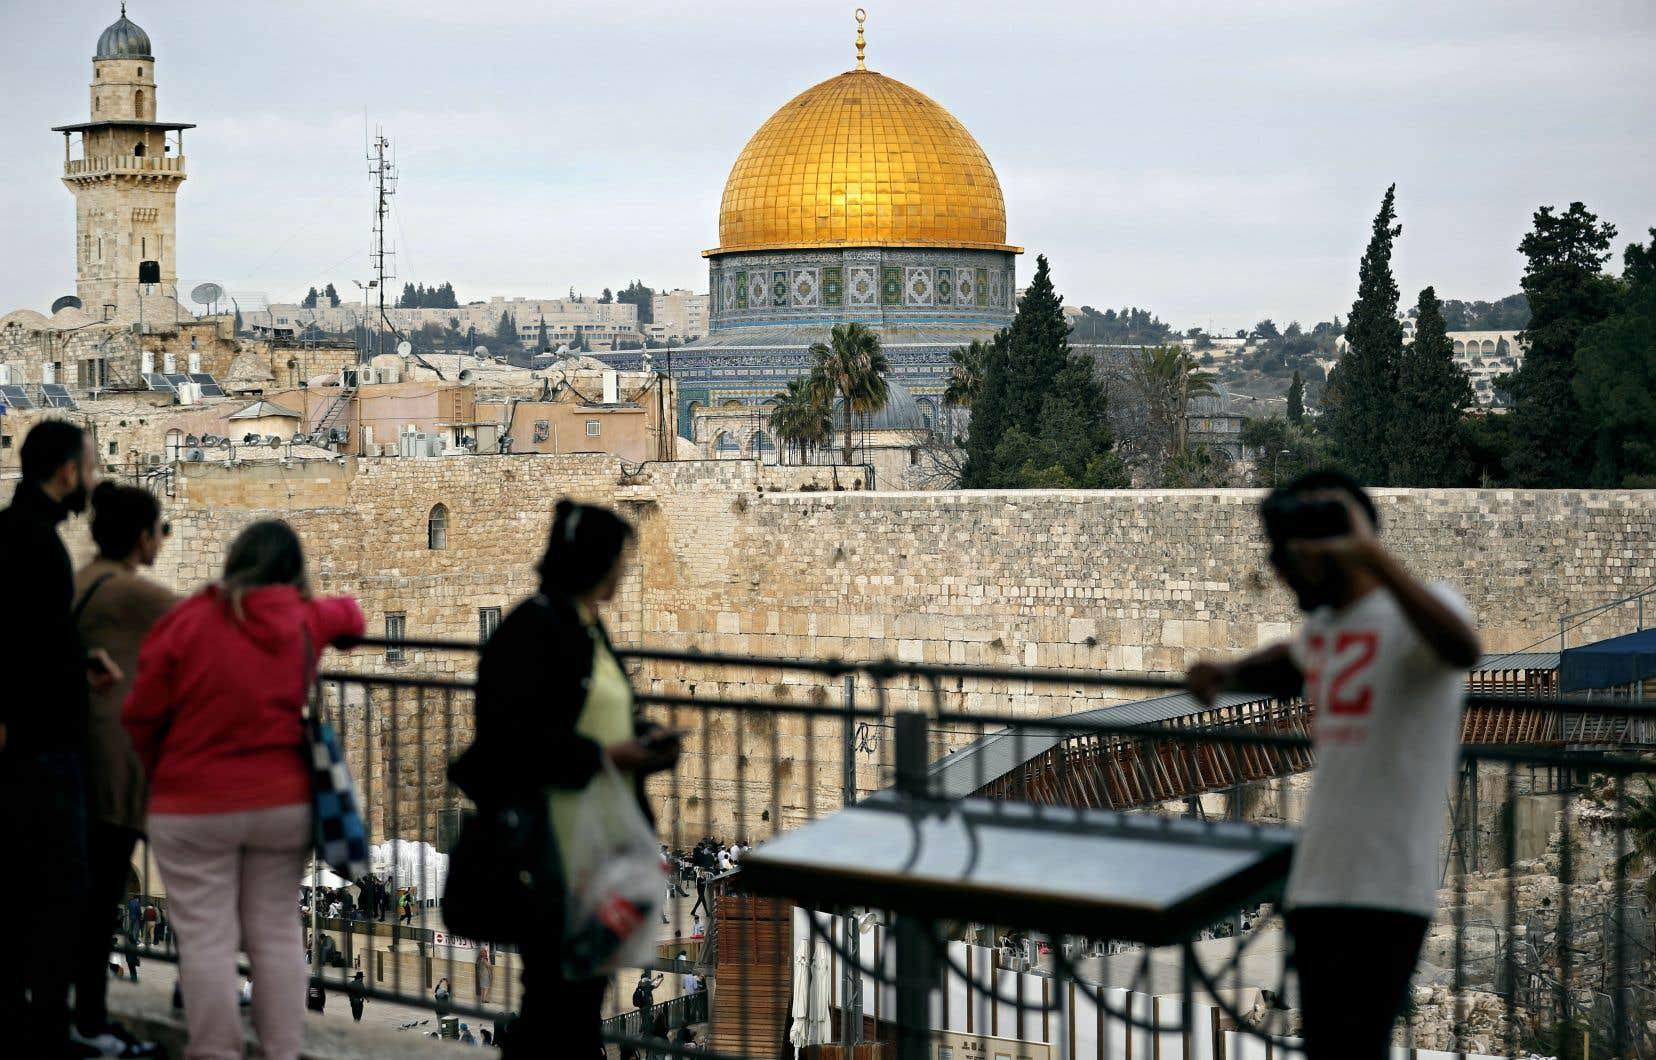 Le président américain ordonnera par ailleurs de préparer le transfert de l'ambassade des États-Unis de Tel-Aviv à Jérusalem.